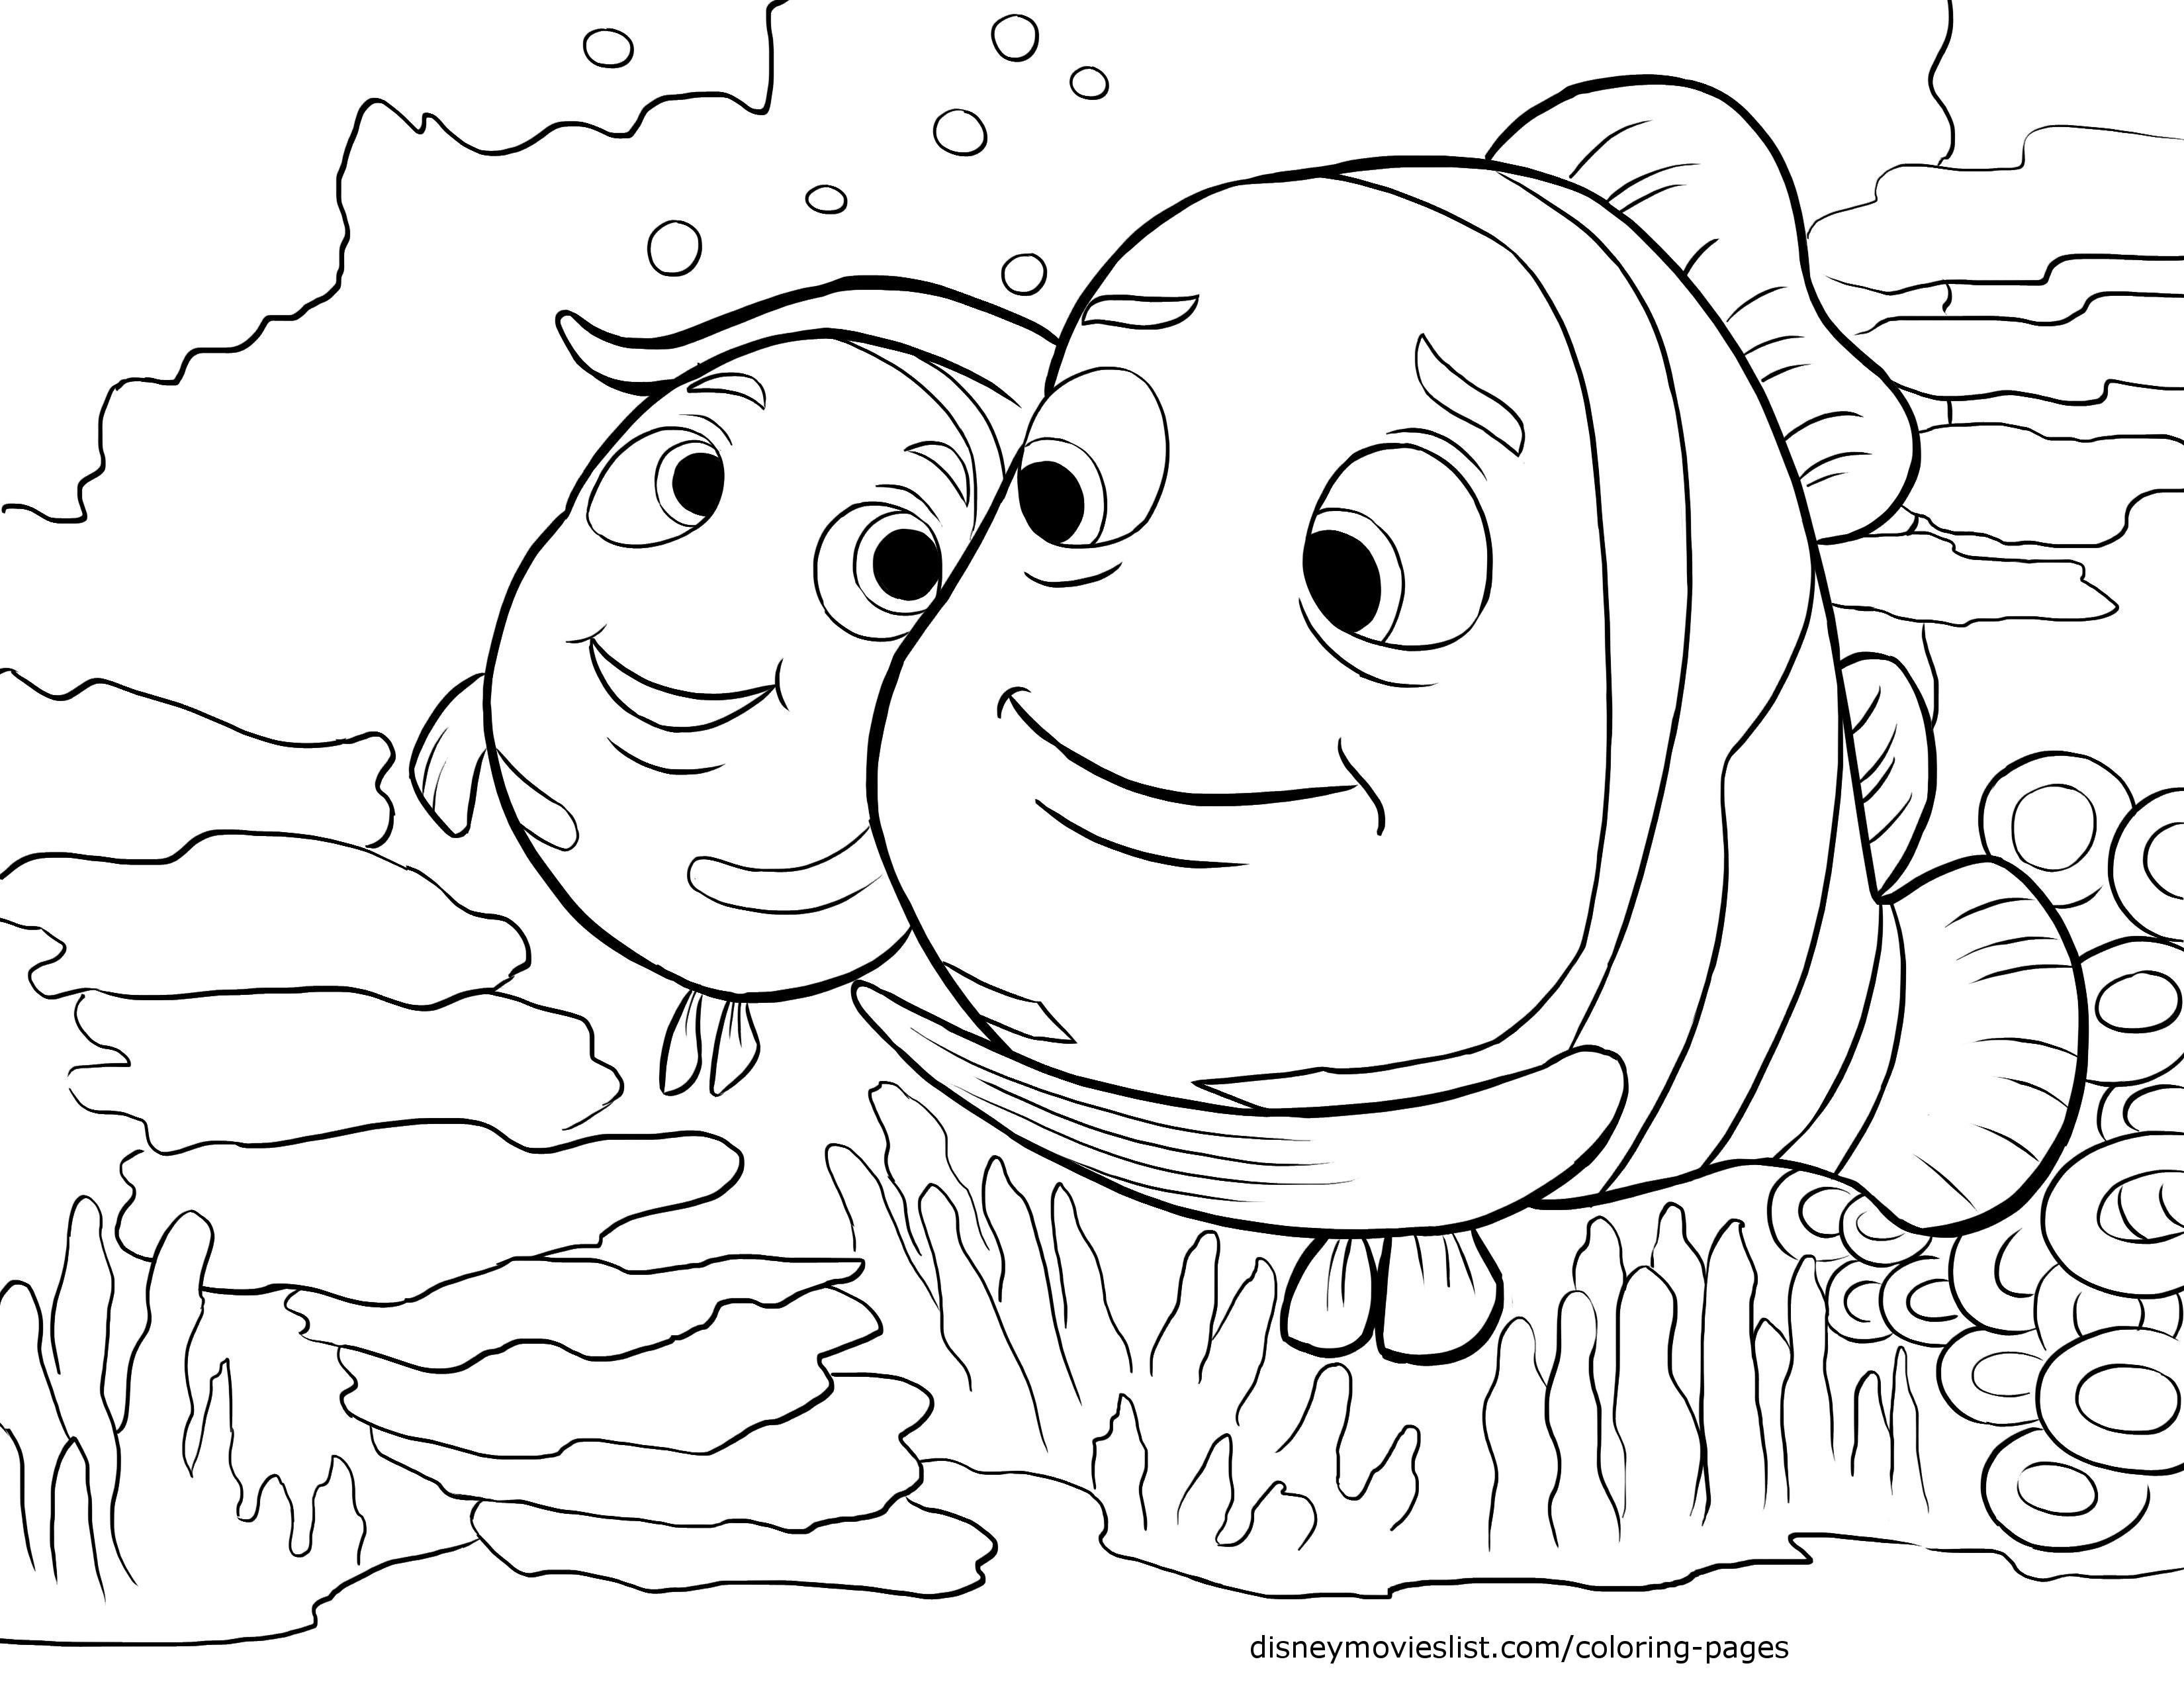 Anime Girl Ausmalbilder Genial Malvorlagen Nemo Kostenlos Neu Anime Malvorlagen Fotografieren